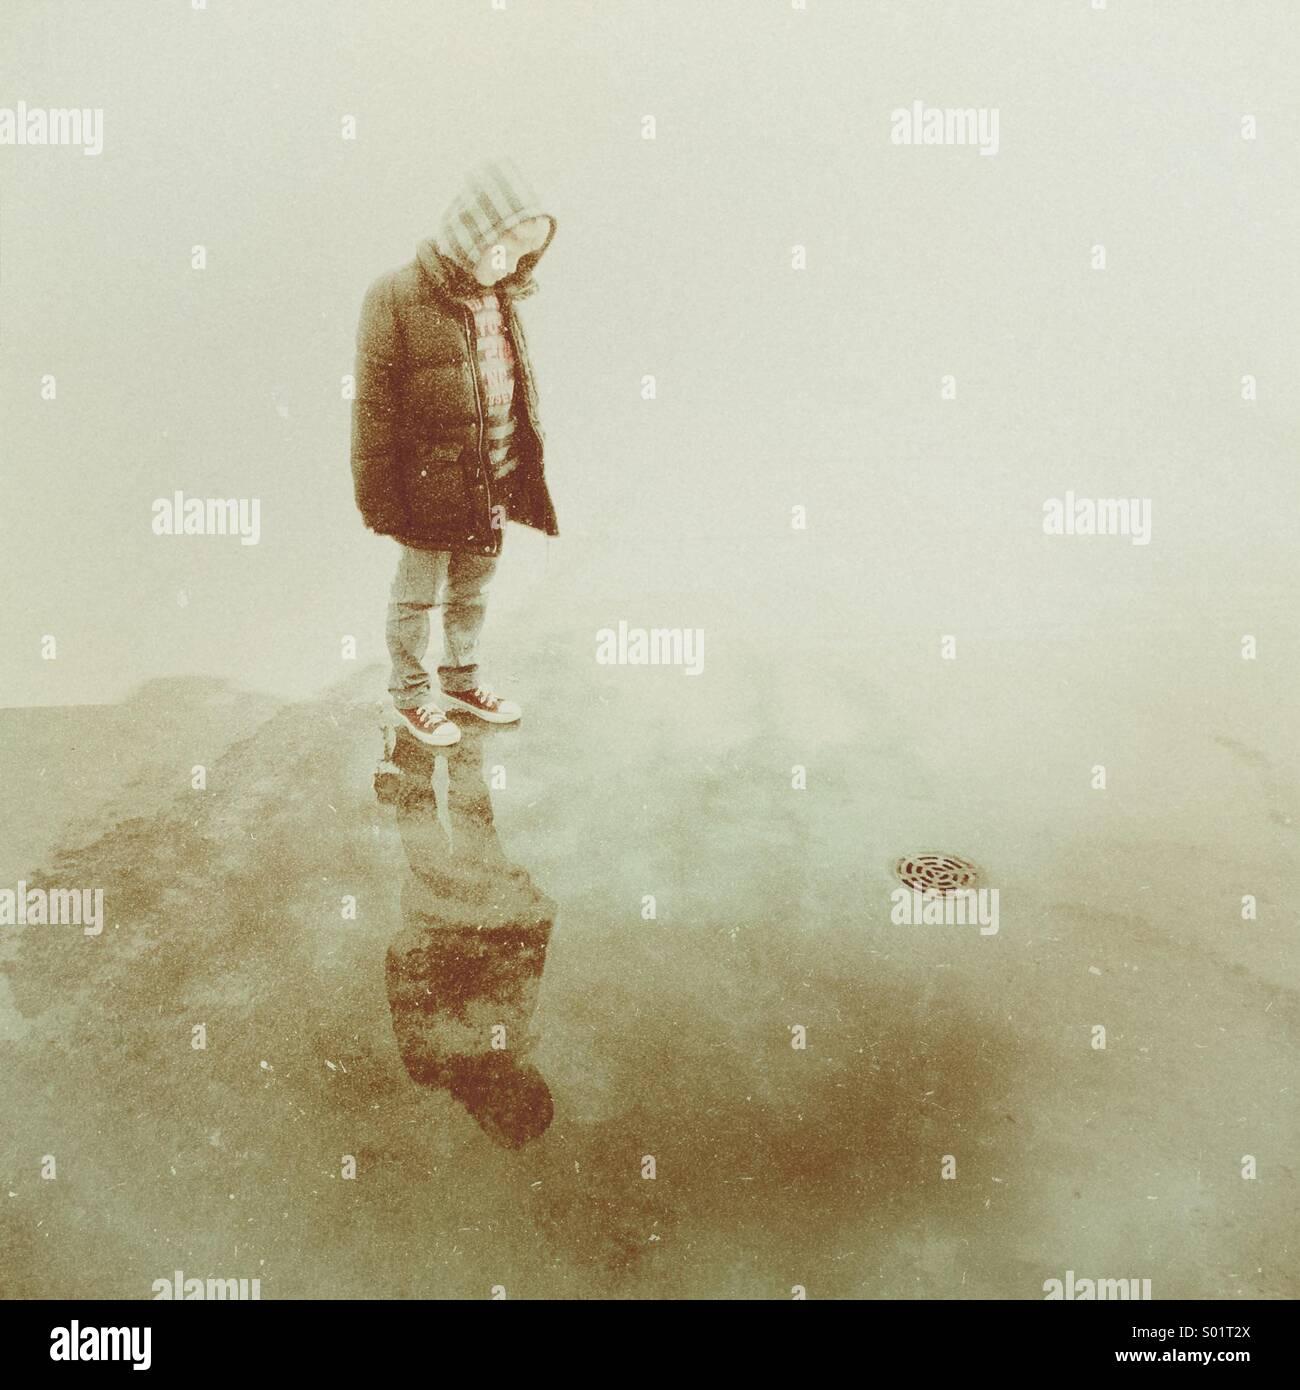 Joven muchacho estaba en un charco mirando su reflexión antes de que el agua se va por el drenaje próximo Imagen De Stock